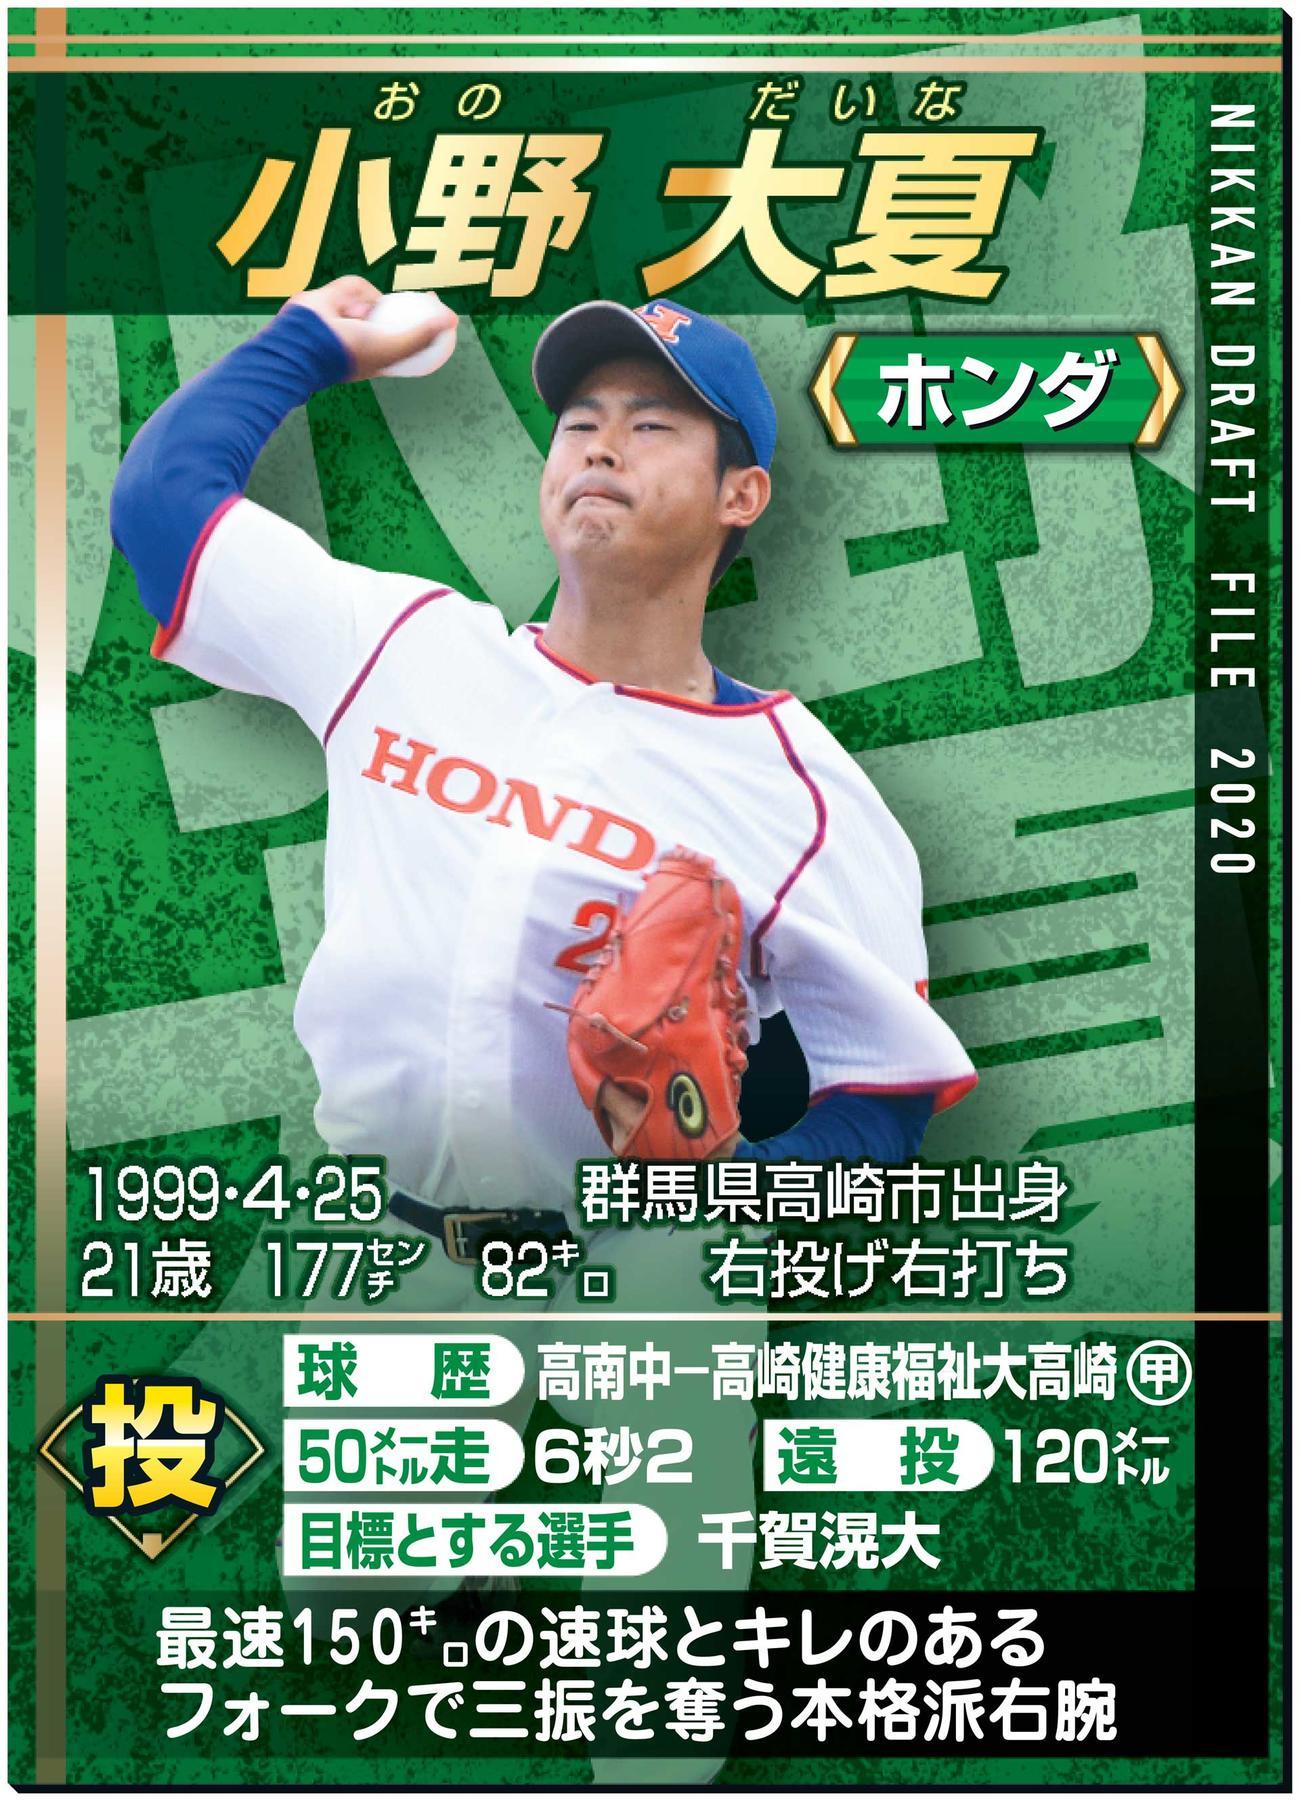 ドラフトファイル:小野大夏